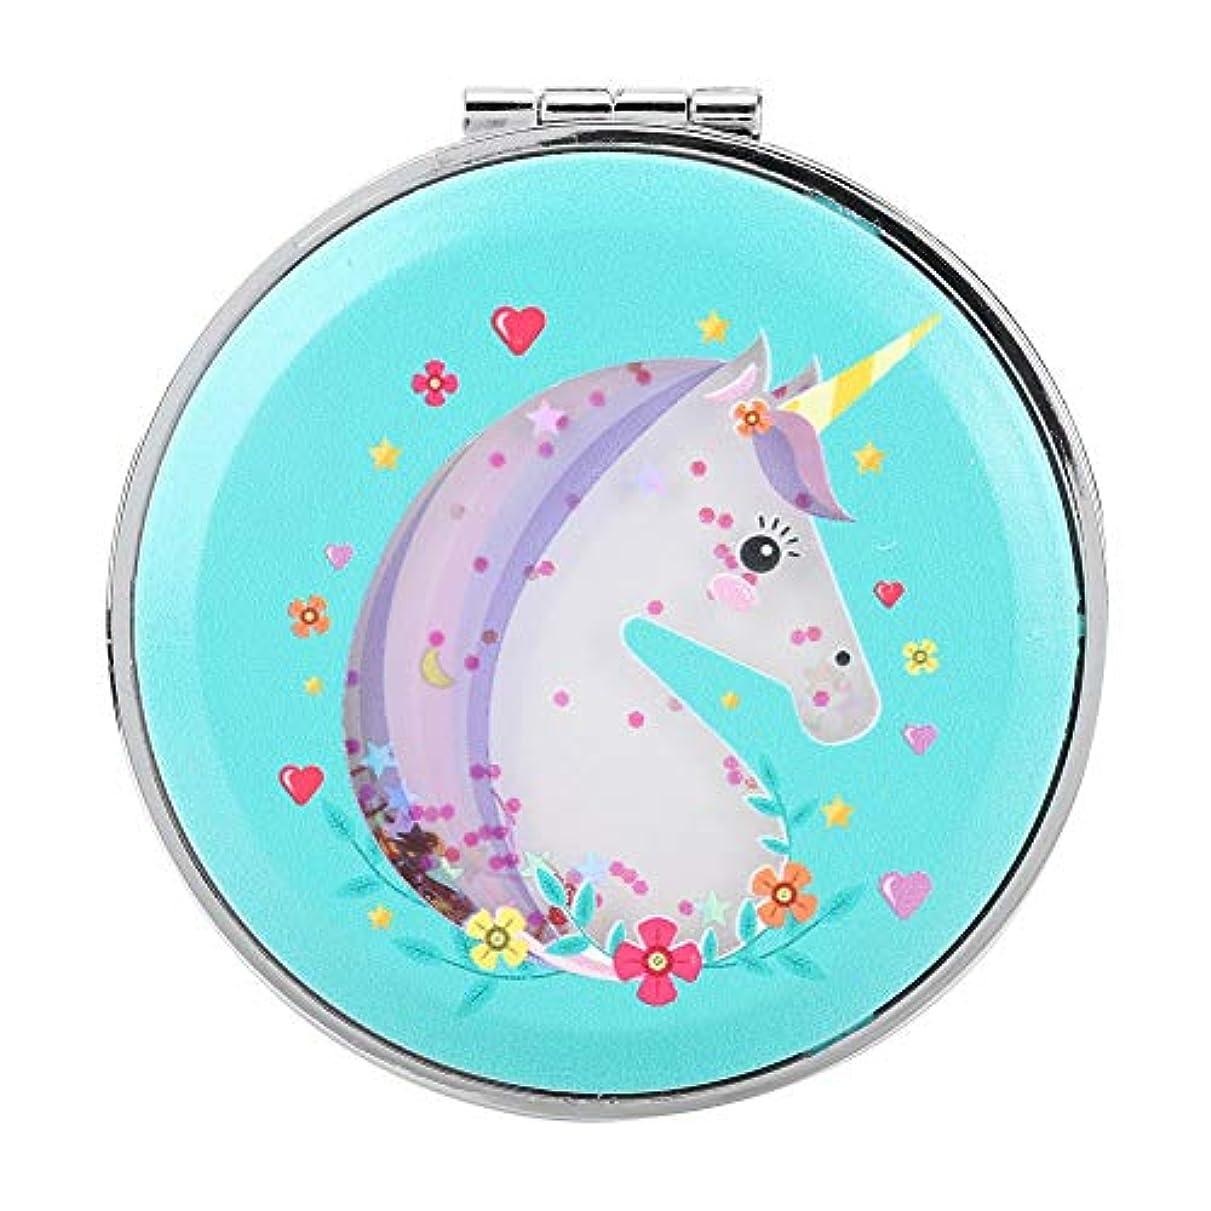 明示的にポップ六レトロスタイル 可愛い馬 子供 ポケットミラー 両面折りたたみ 化粧 ミニ化粧鏡 拡大鏡 2倍